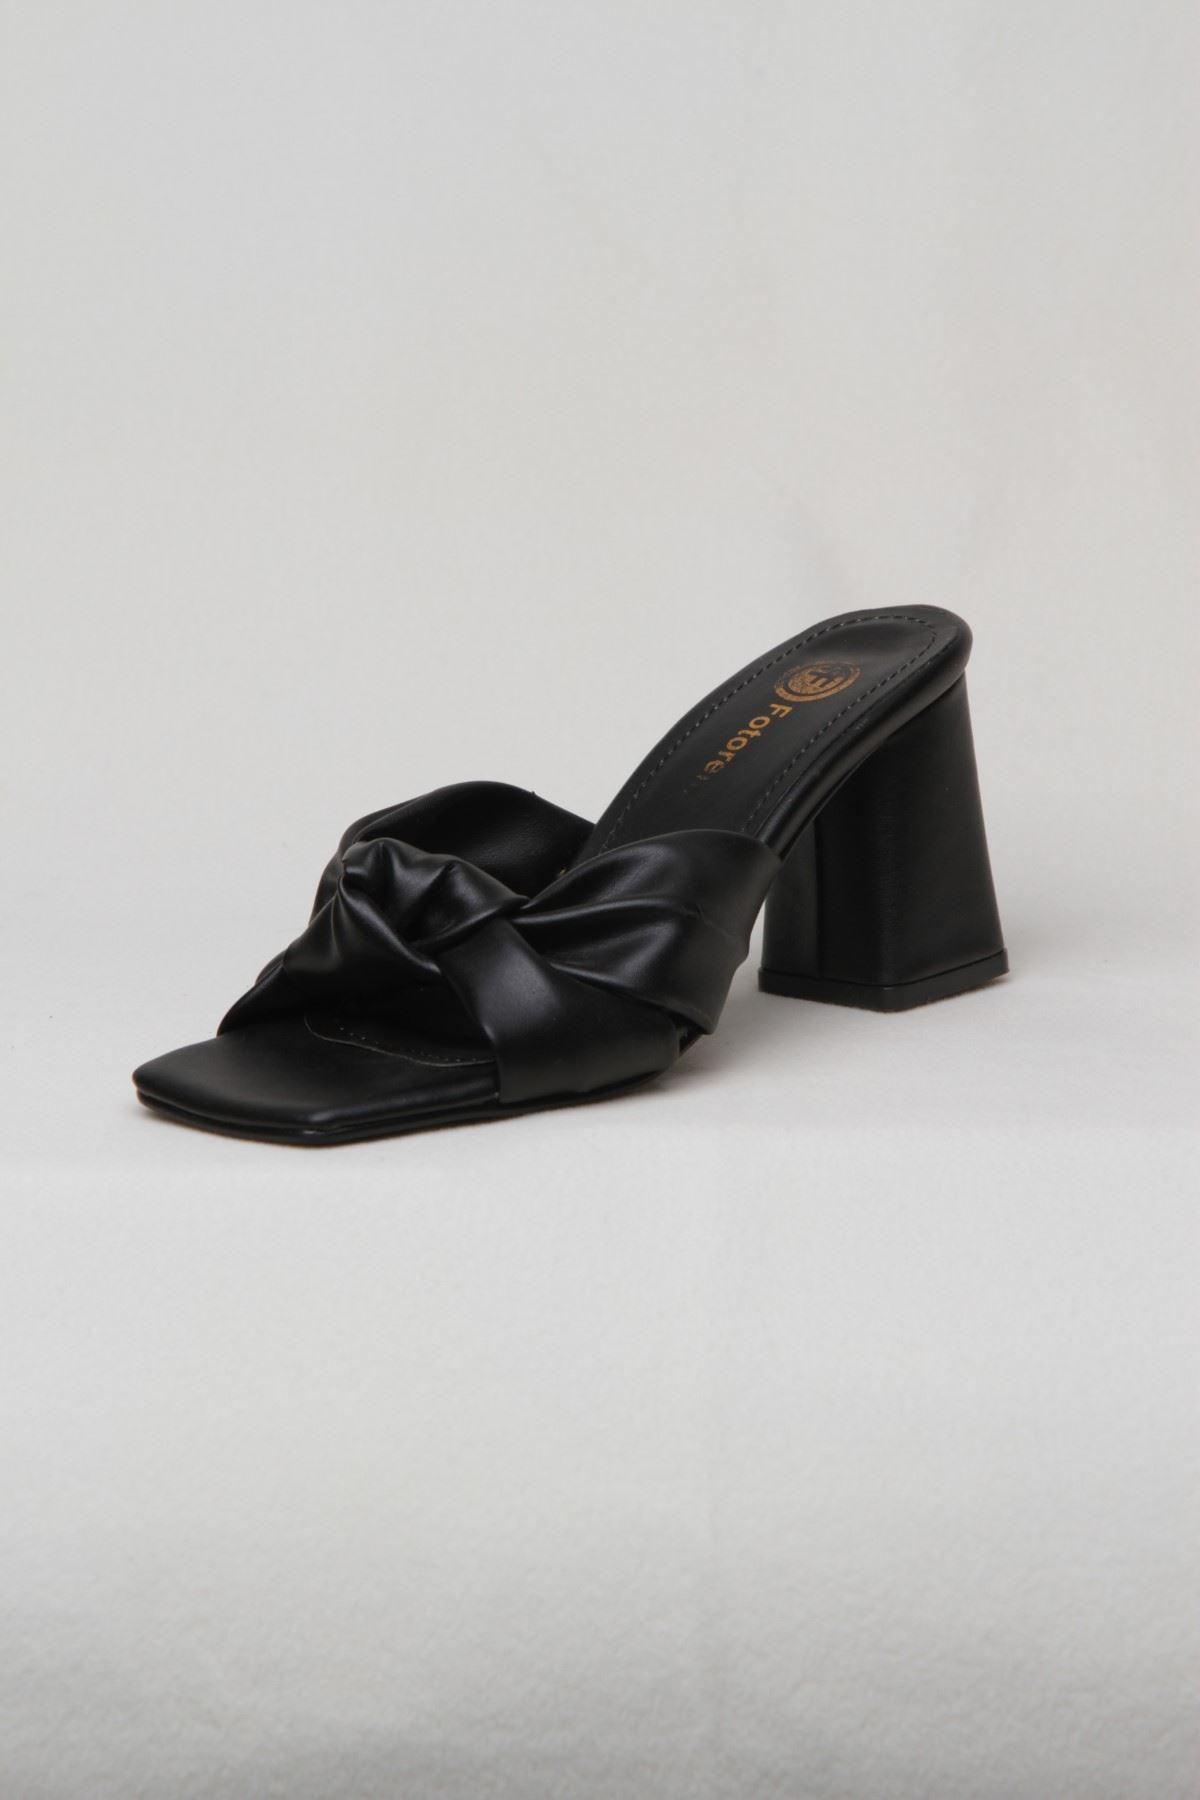 Kadın Topuklu Terlik - Siyah